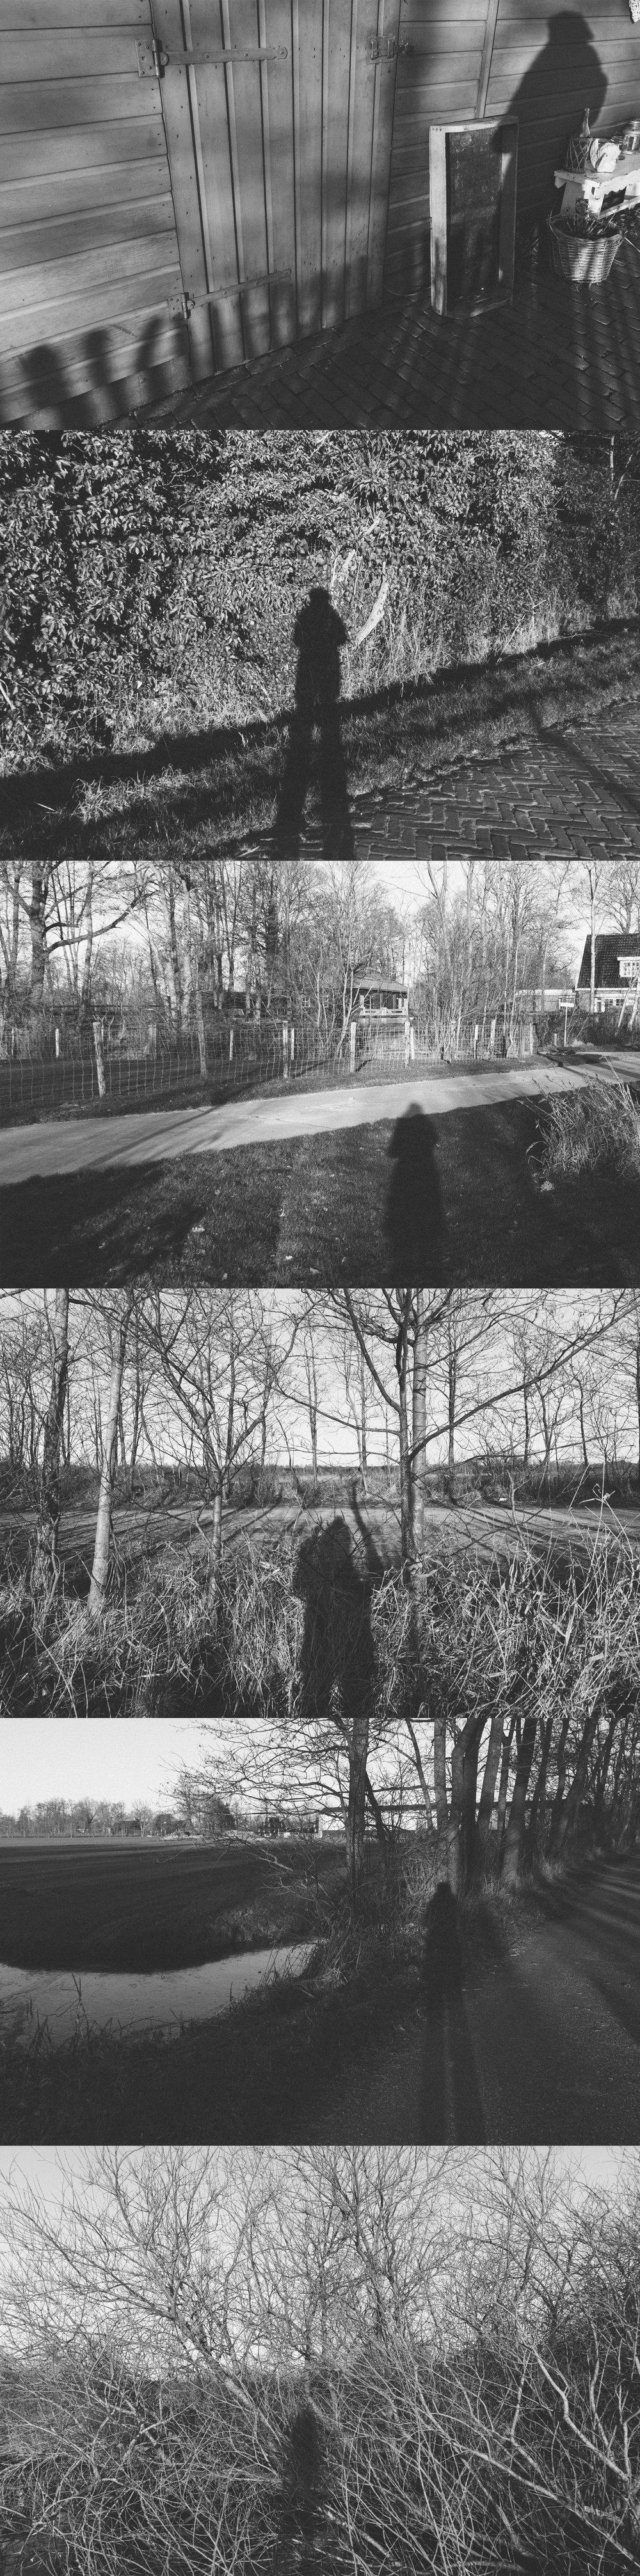 Vivian's shadow (sequence).jpg